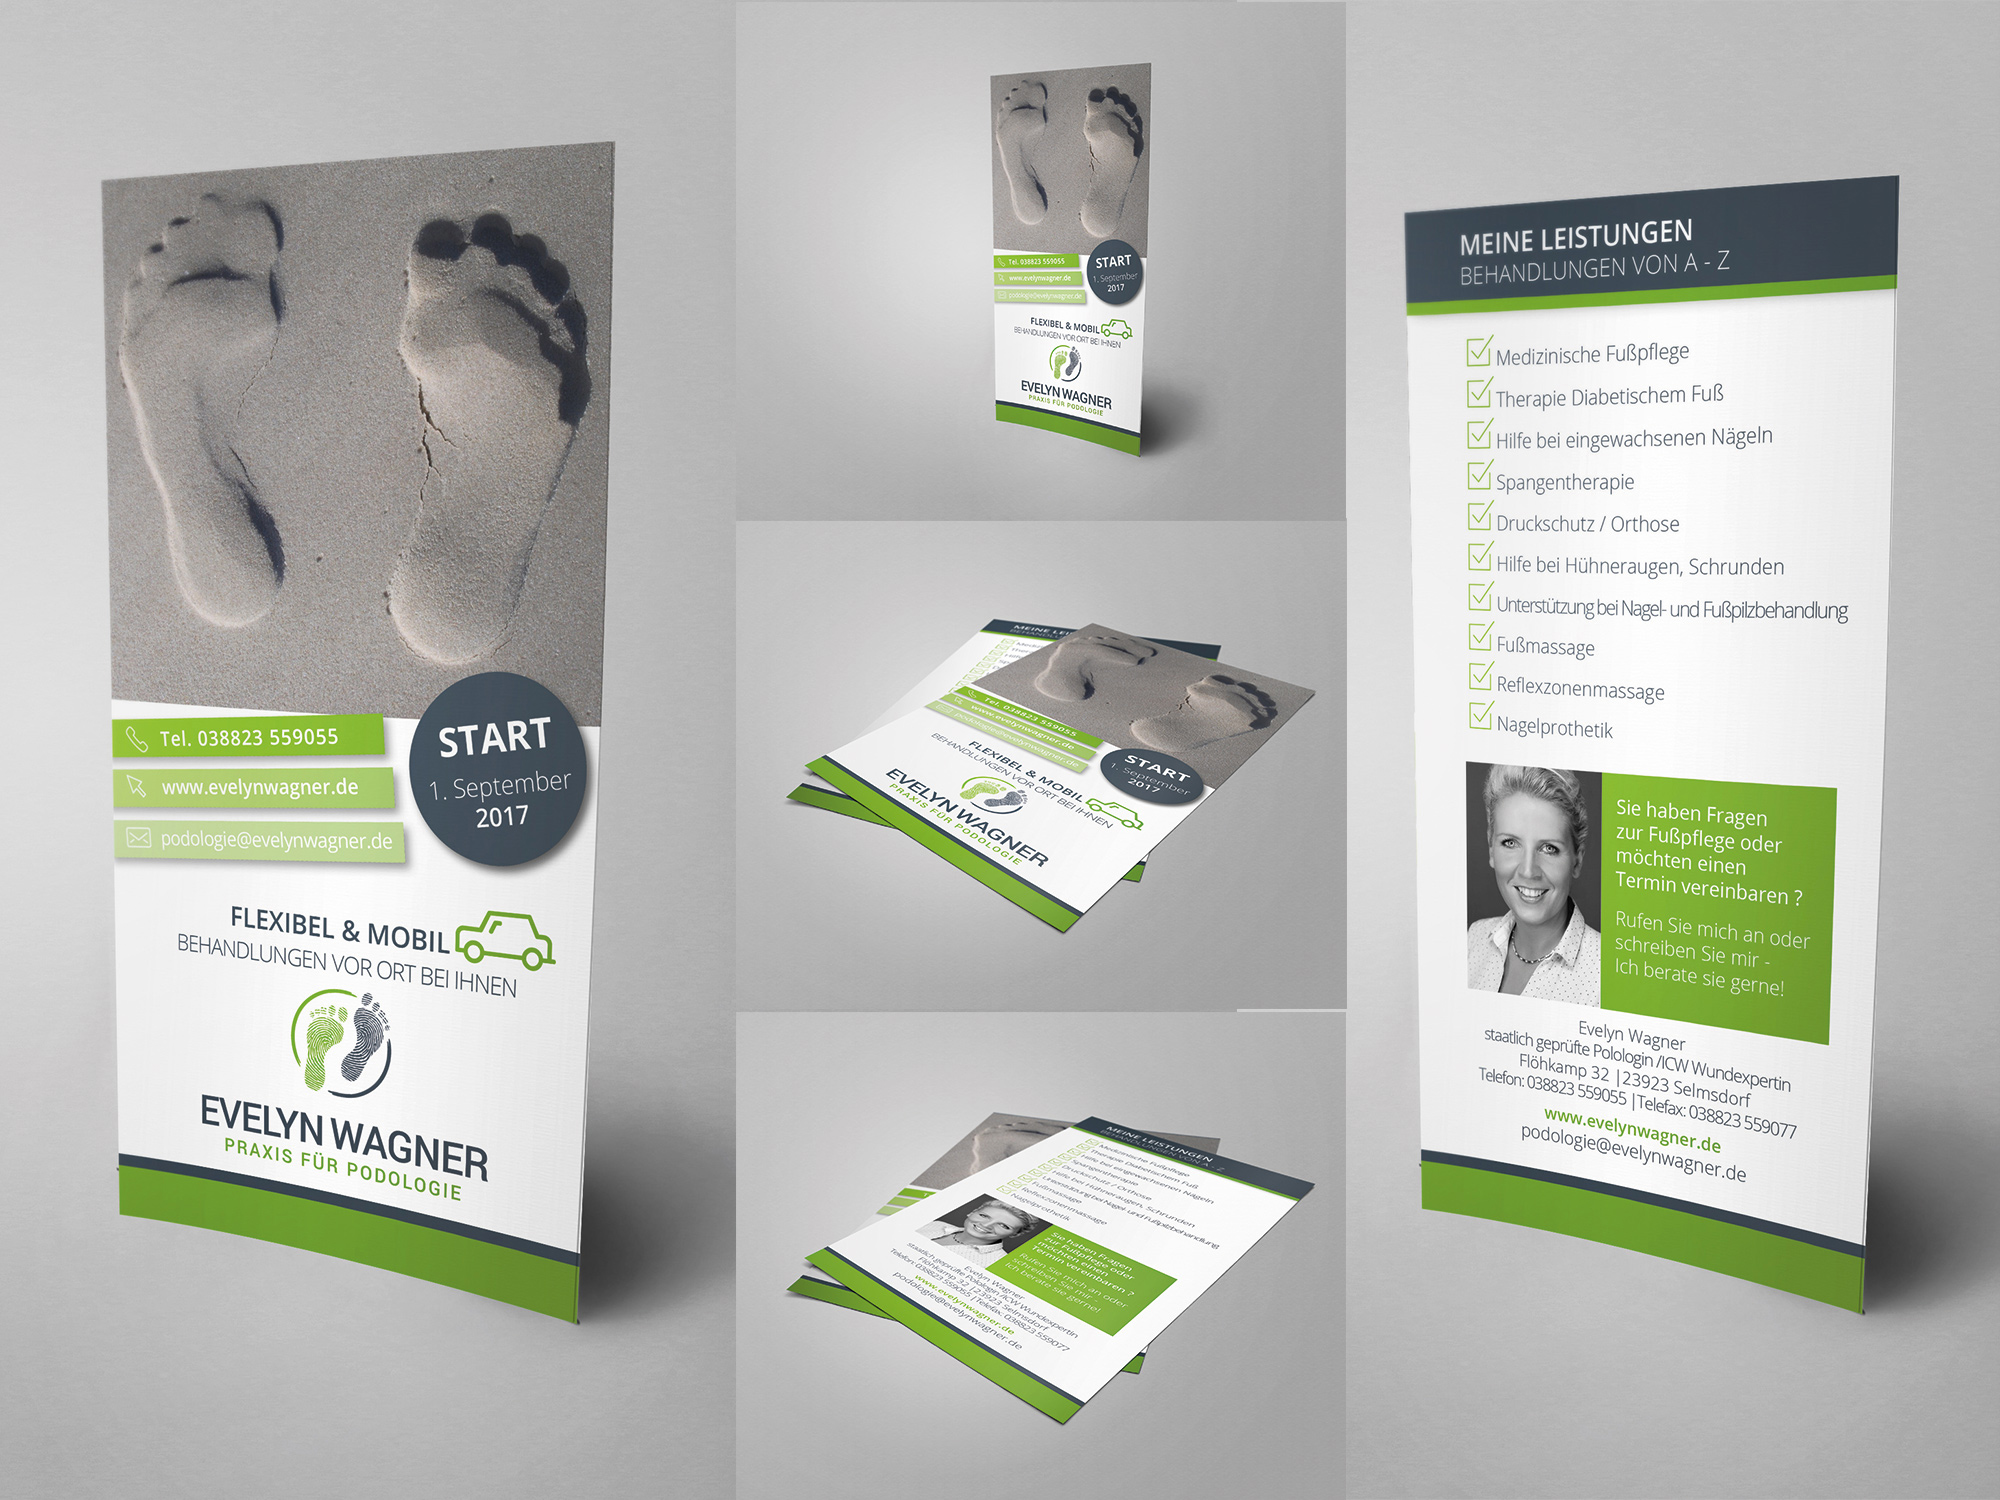 Flyer Design Für Medizinische Fußpflege Flyer Design